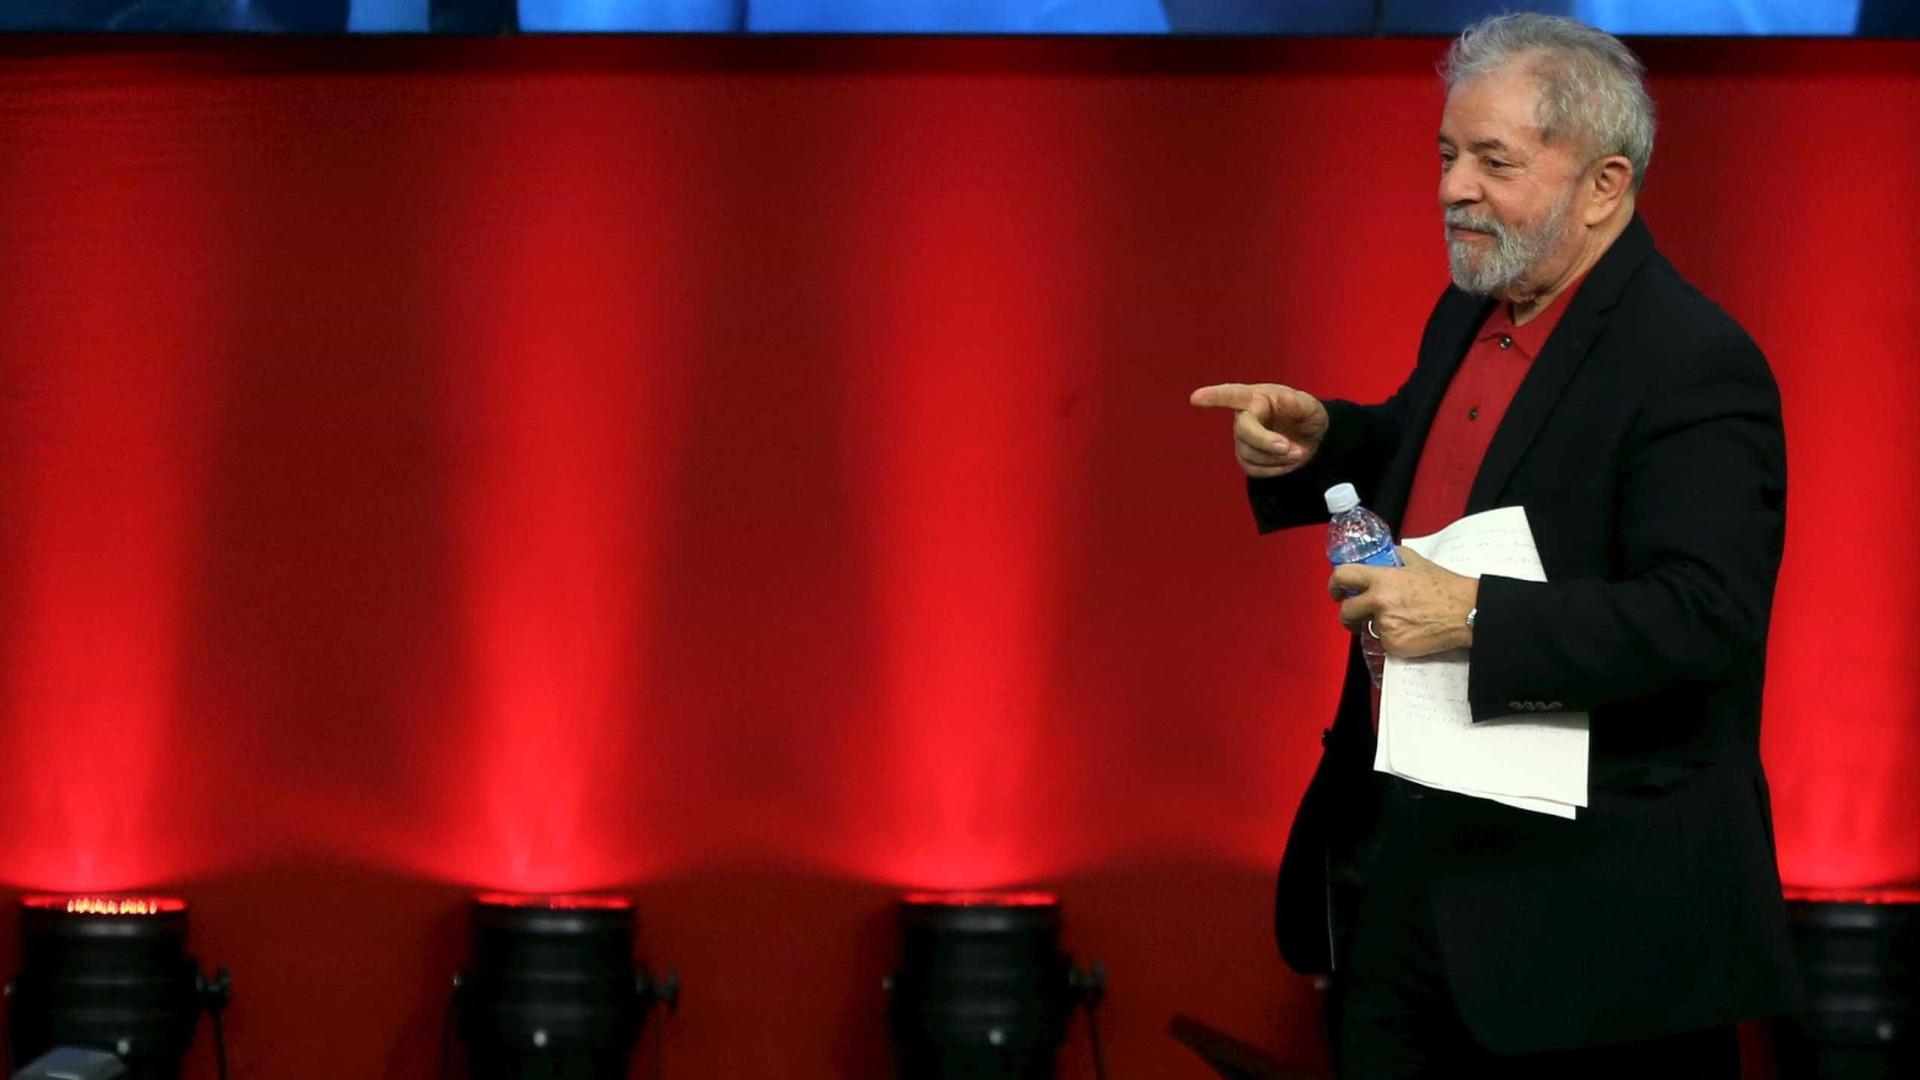 PF se prepara para cumprir ordem de prisão contra Lula, diz jornal